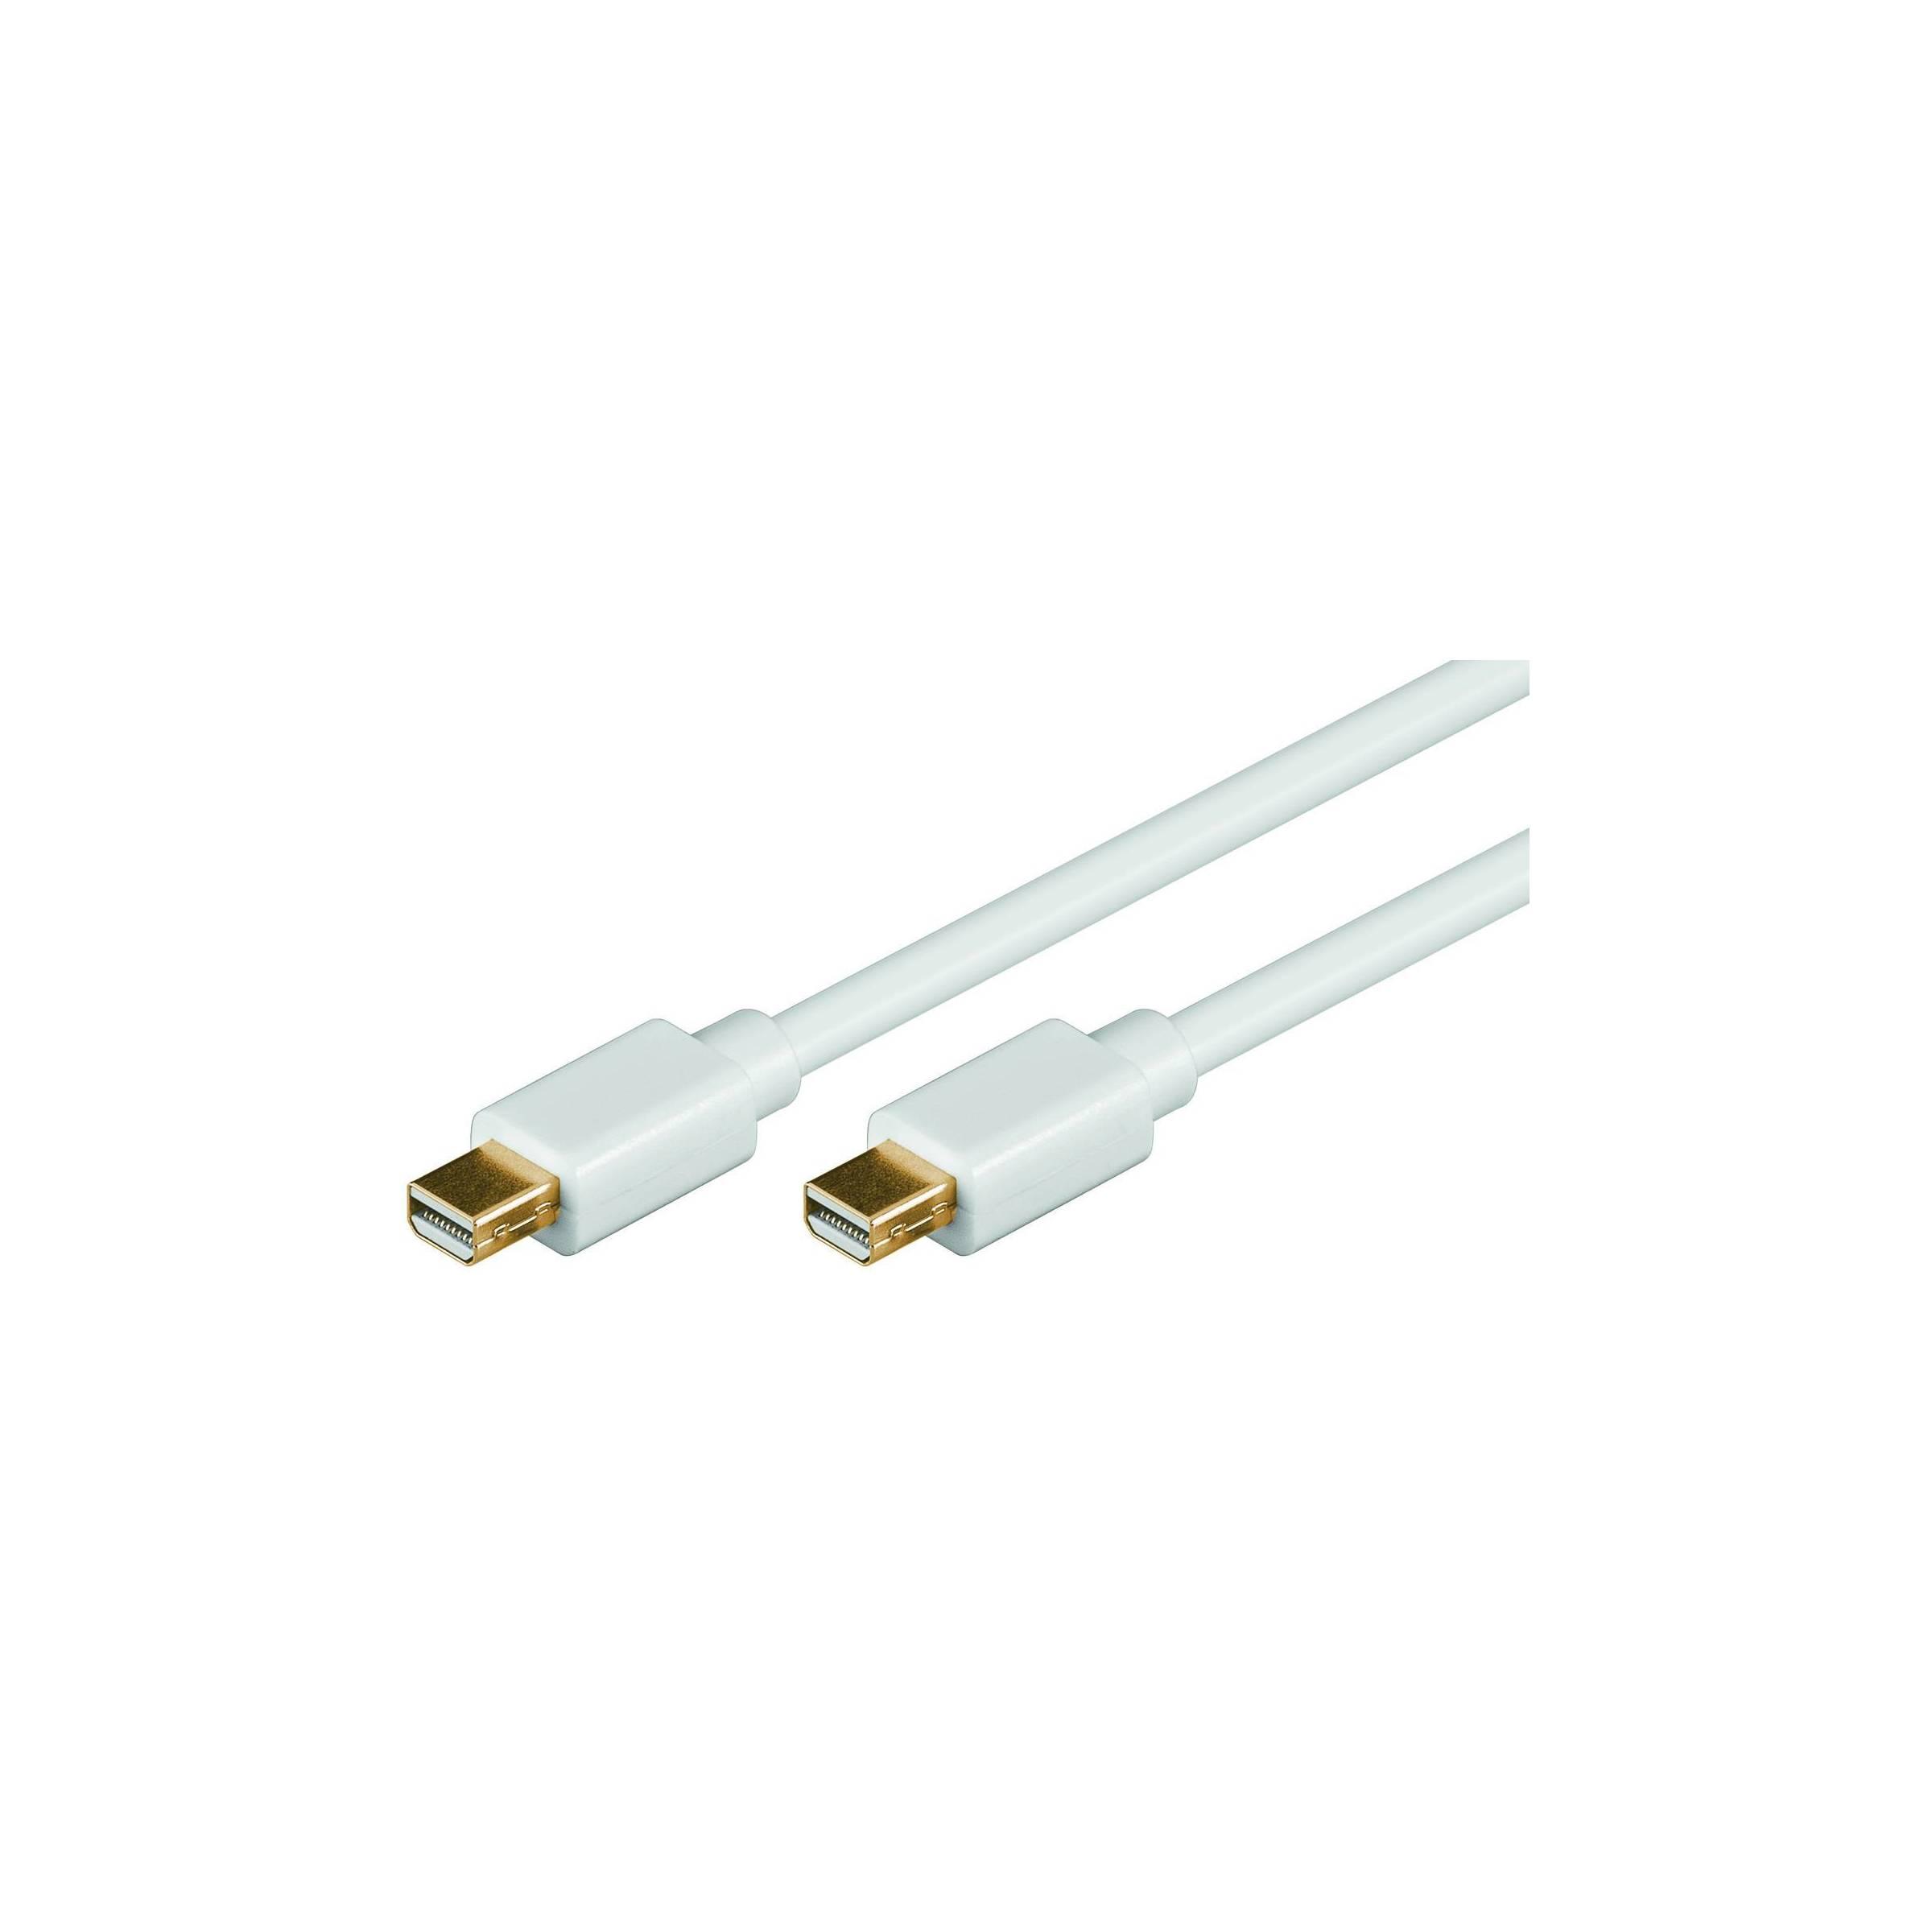 goobay Goobay mini displayport 1.2 kabel han-han længde 3 meter fra mackabler.dk